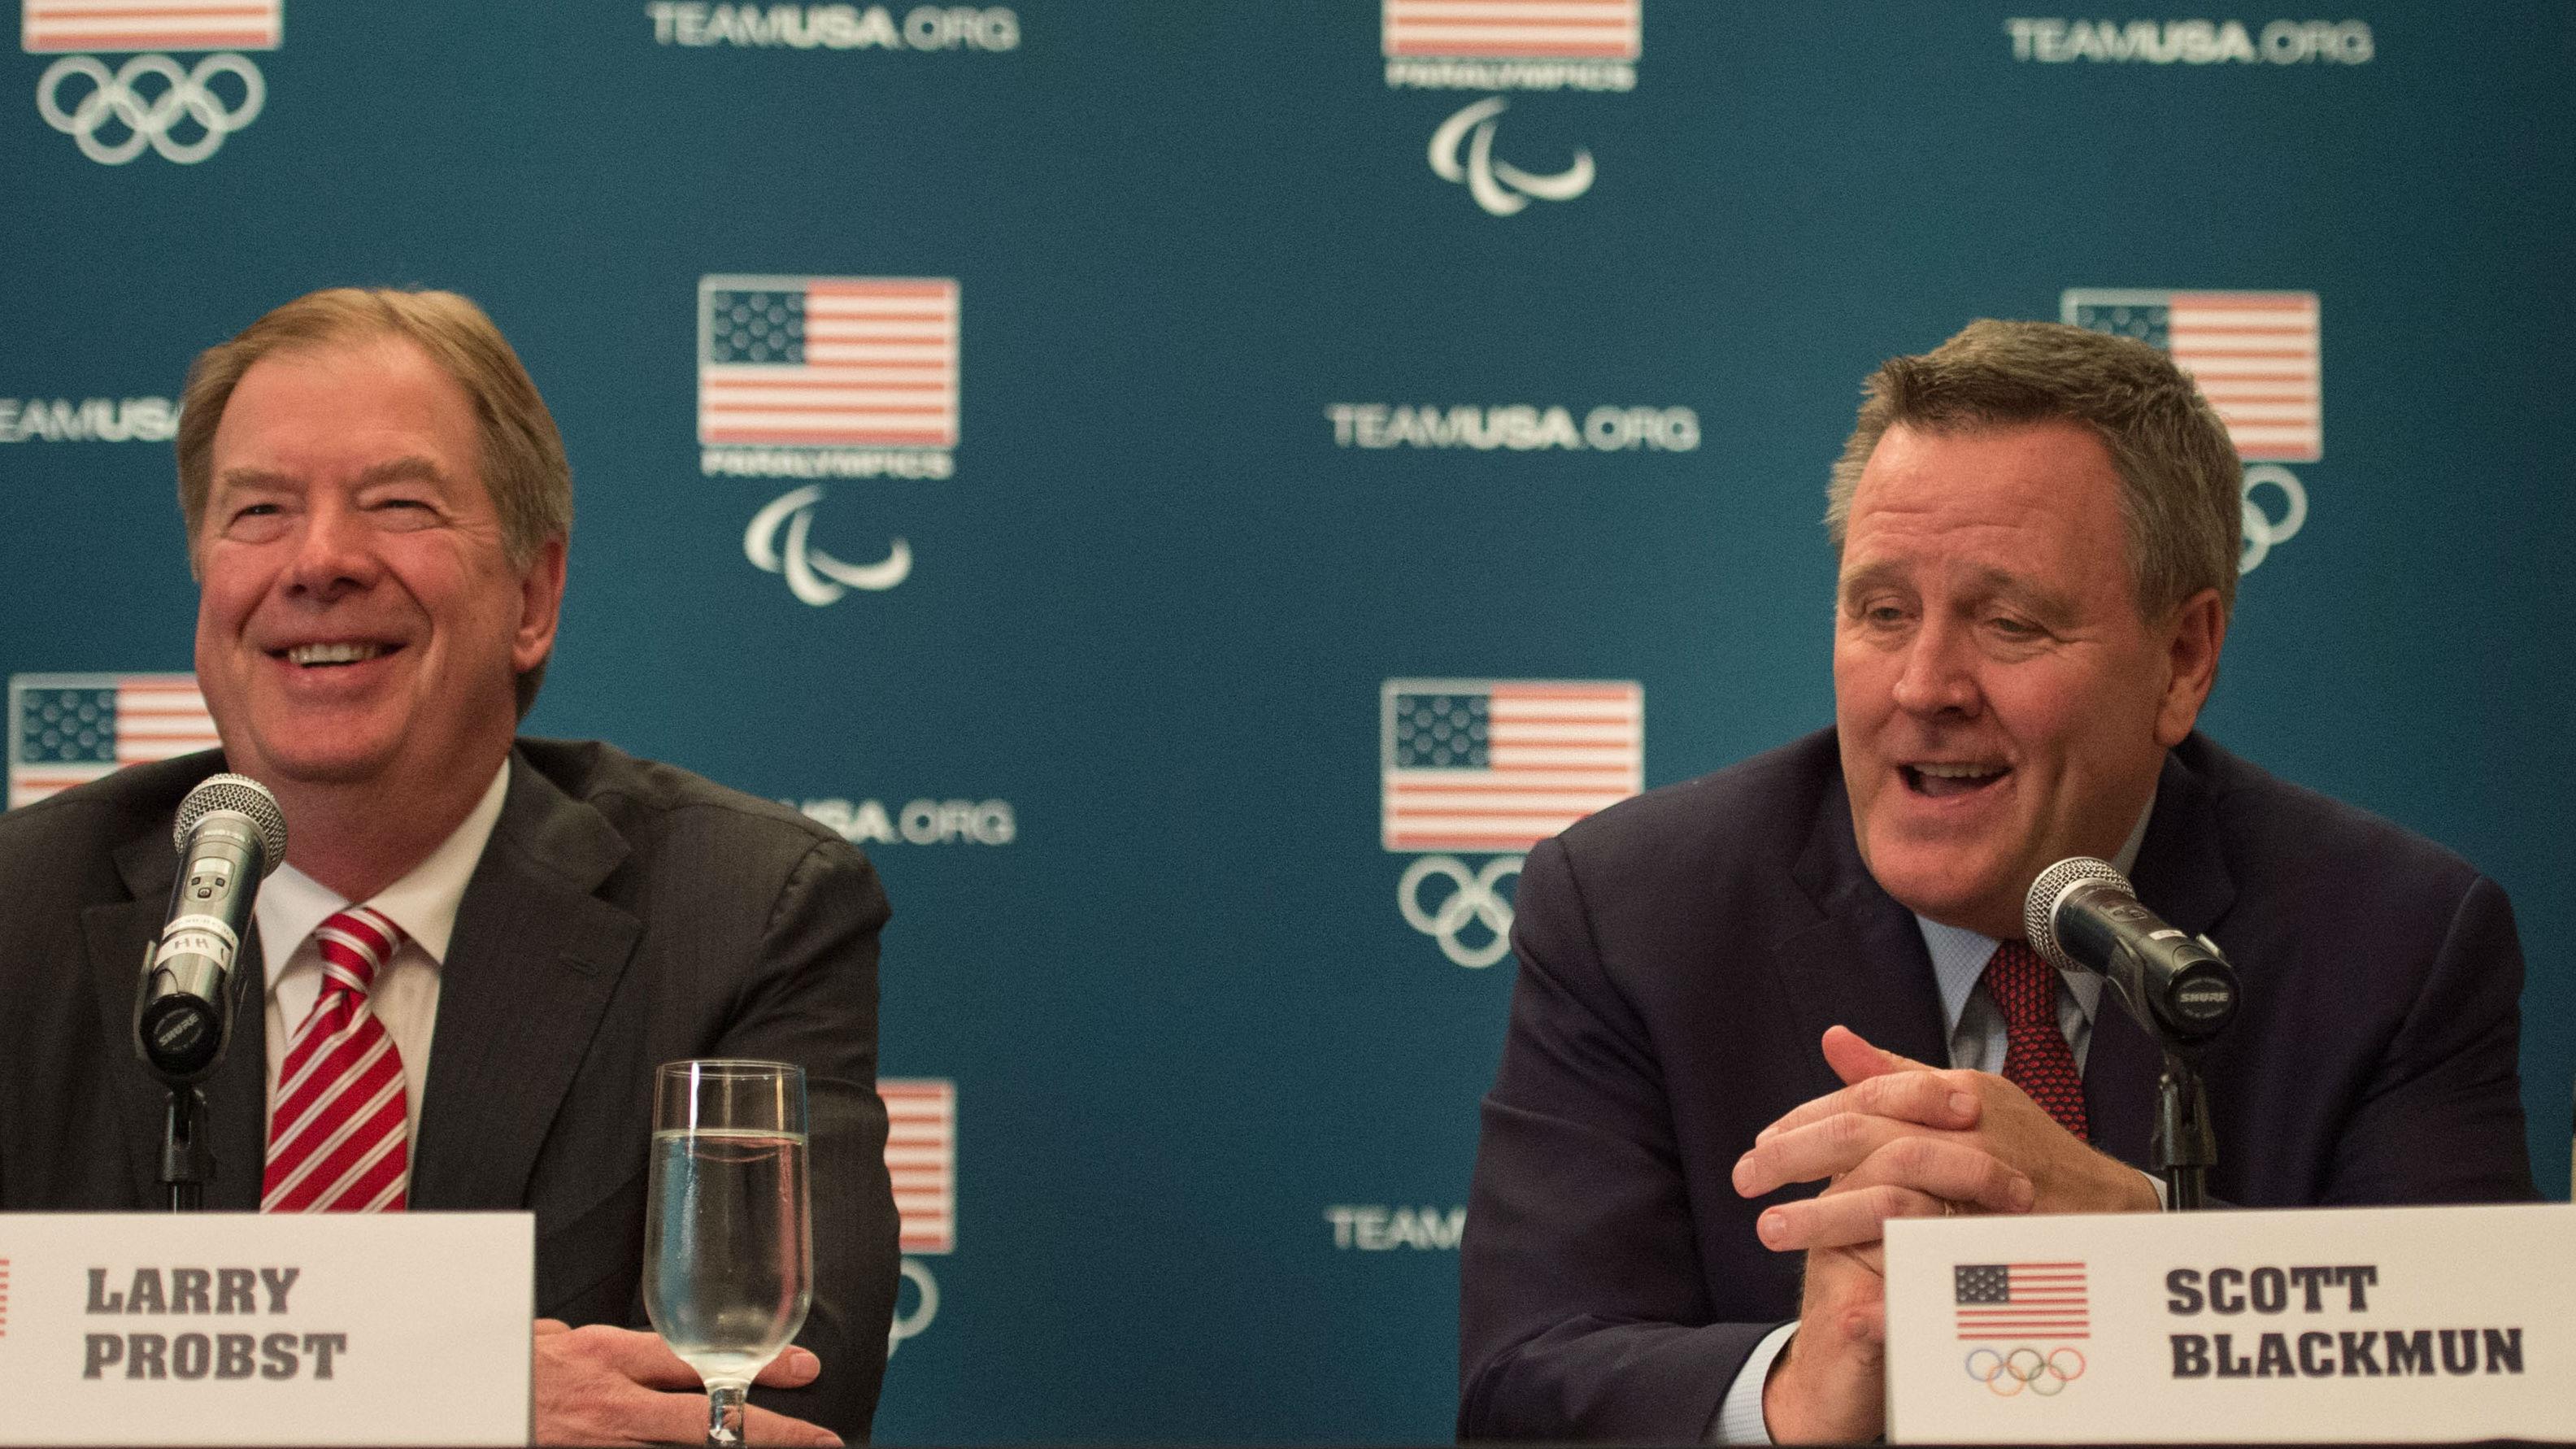 健康状况堪忧? 美奥委会首席执行官因体操界性丑闻辞职